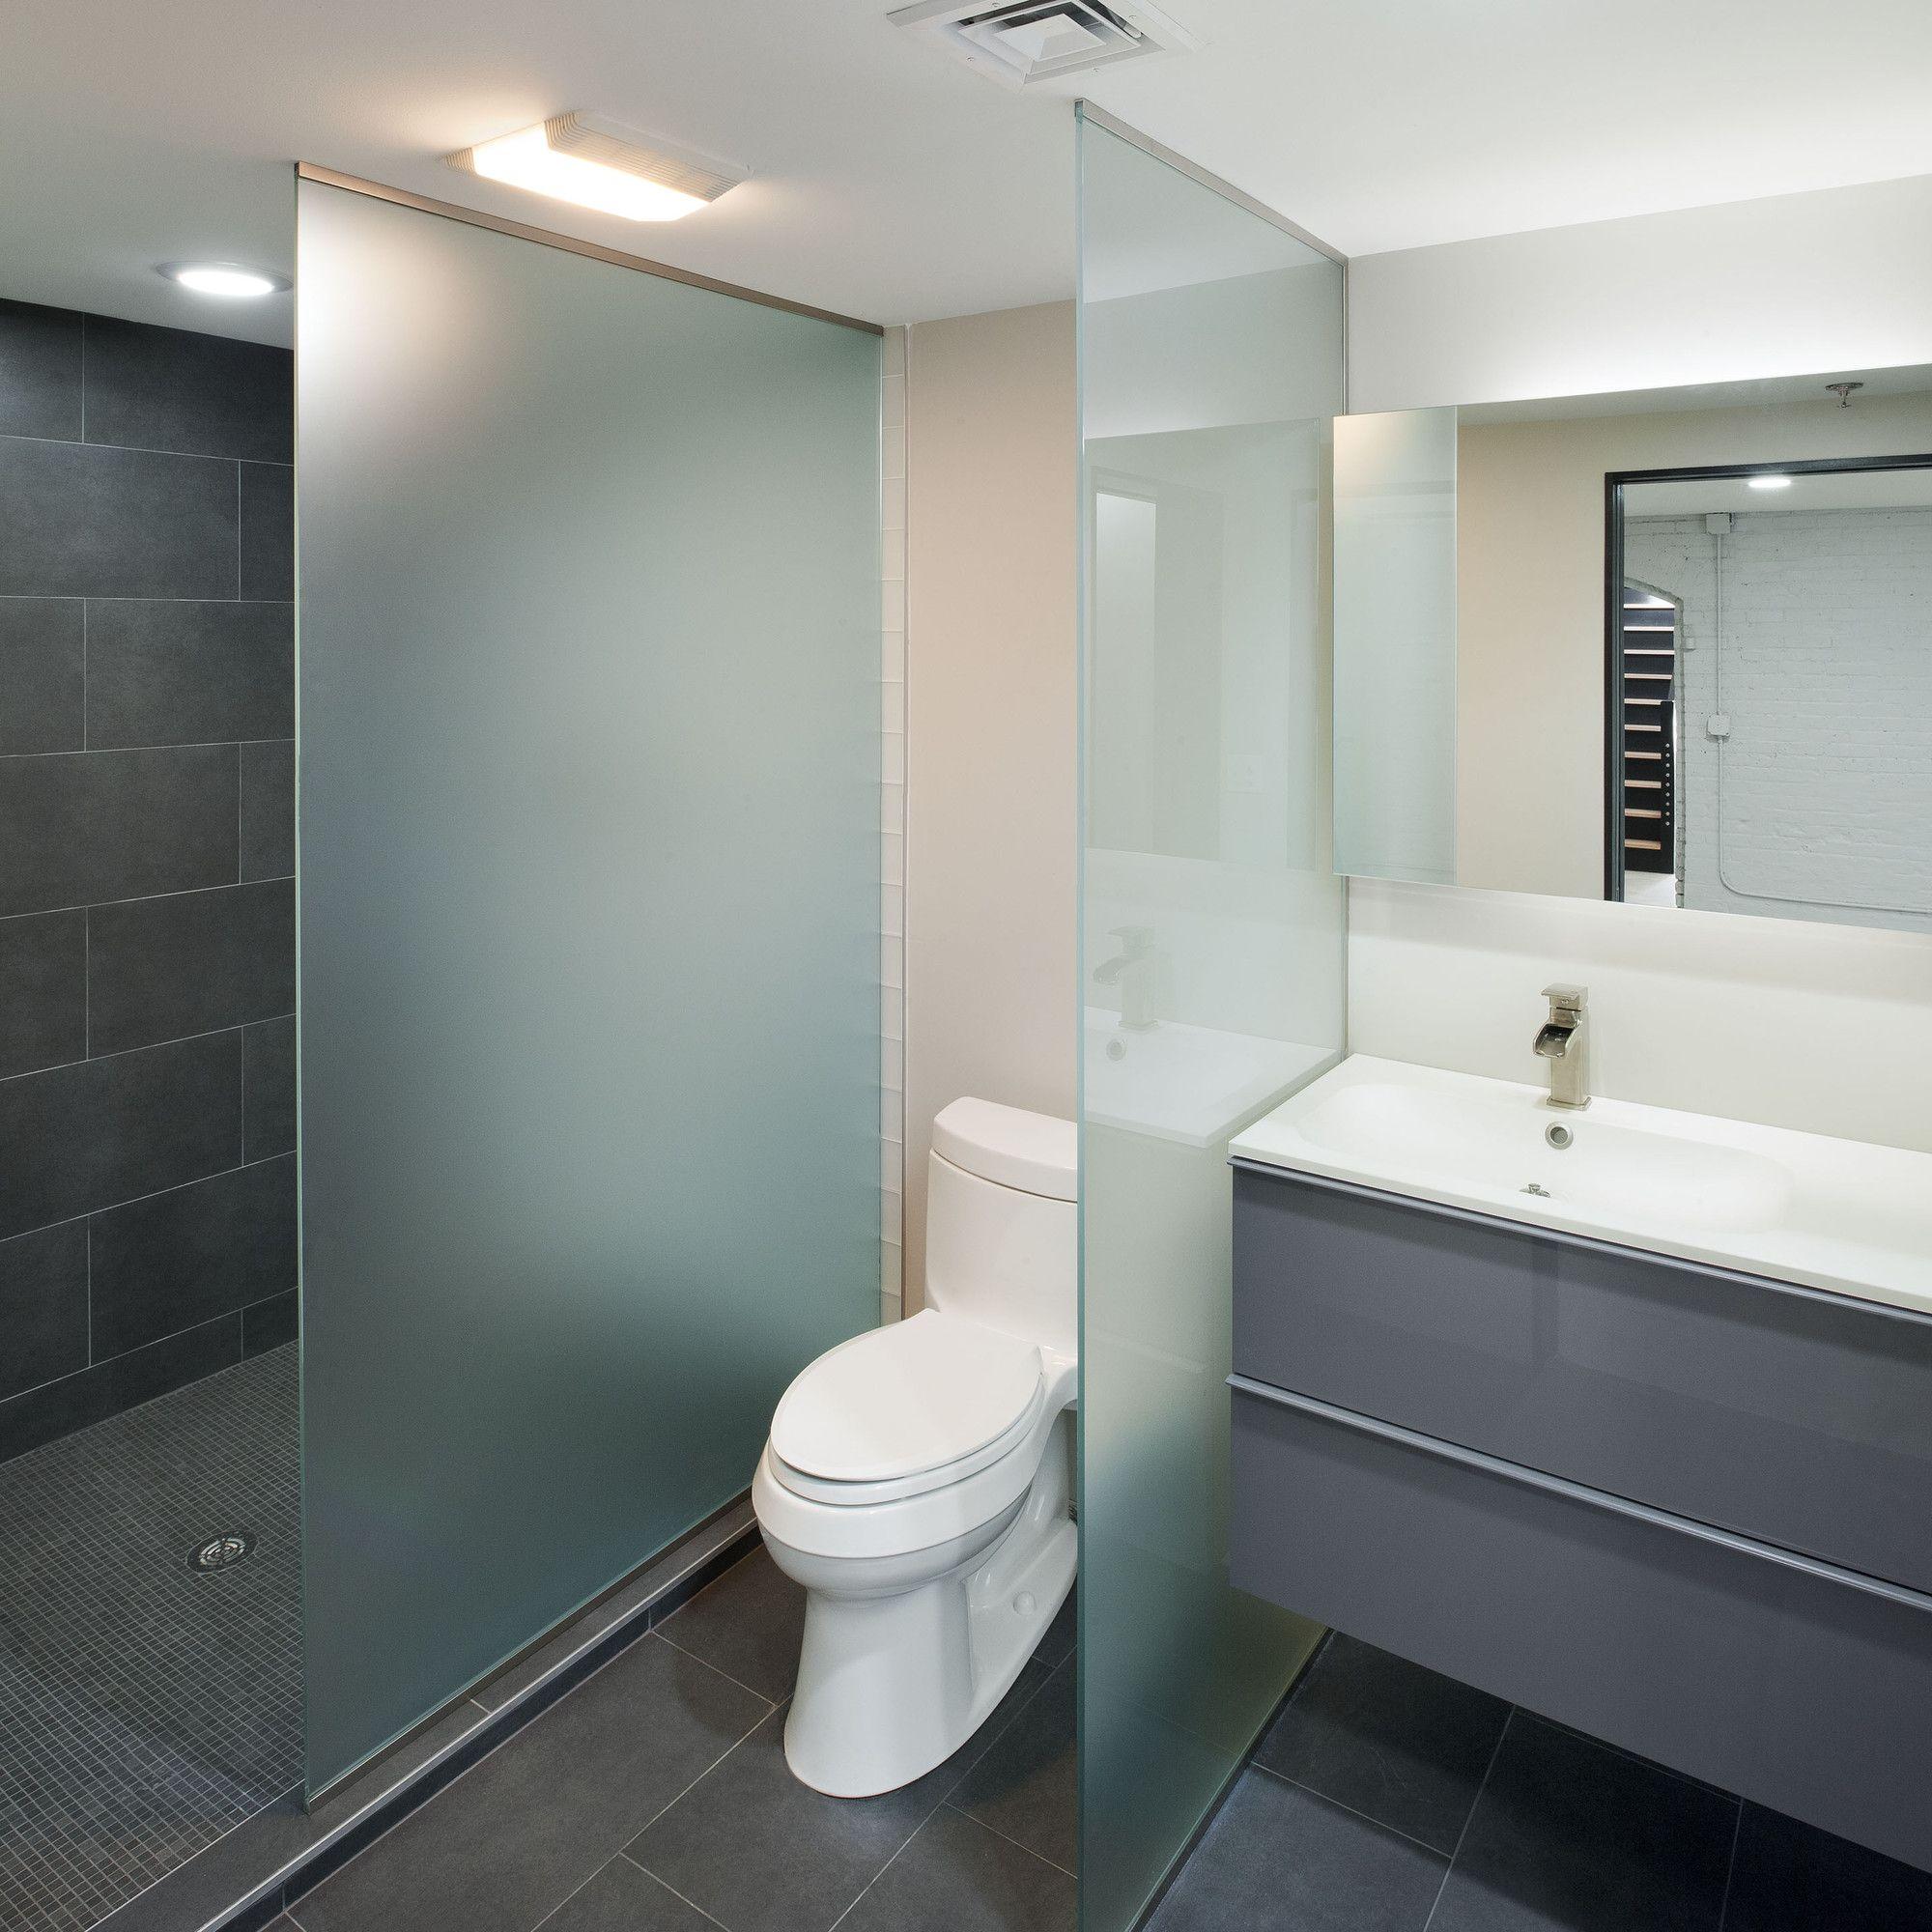 Gallery Of Delin Boiler Room Stack Co 7 Bathroom Partitions Glass Bathroom Bathroom Design